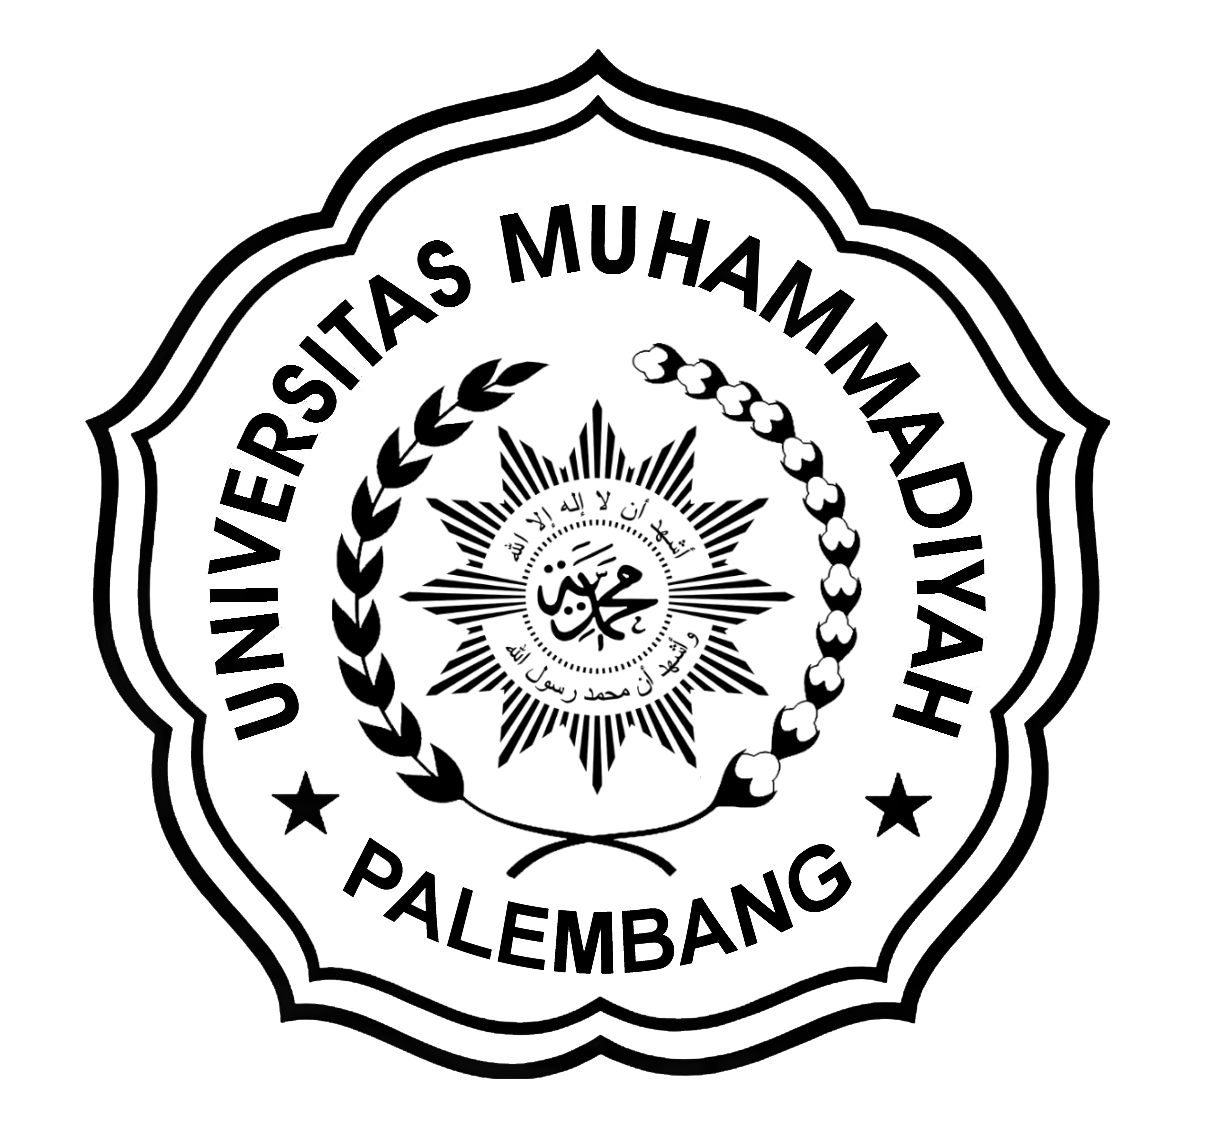 Logo Universitas Muhammadiyah Palembang Universitas Muhammadiyah Palembang